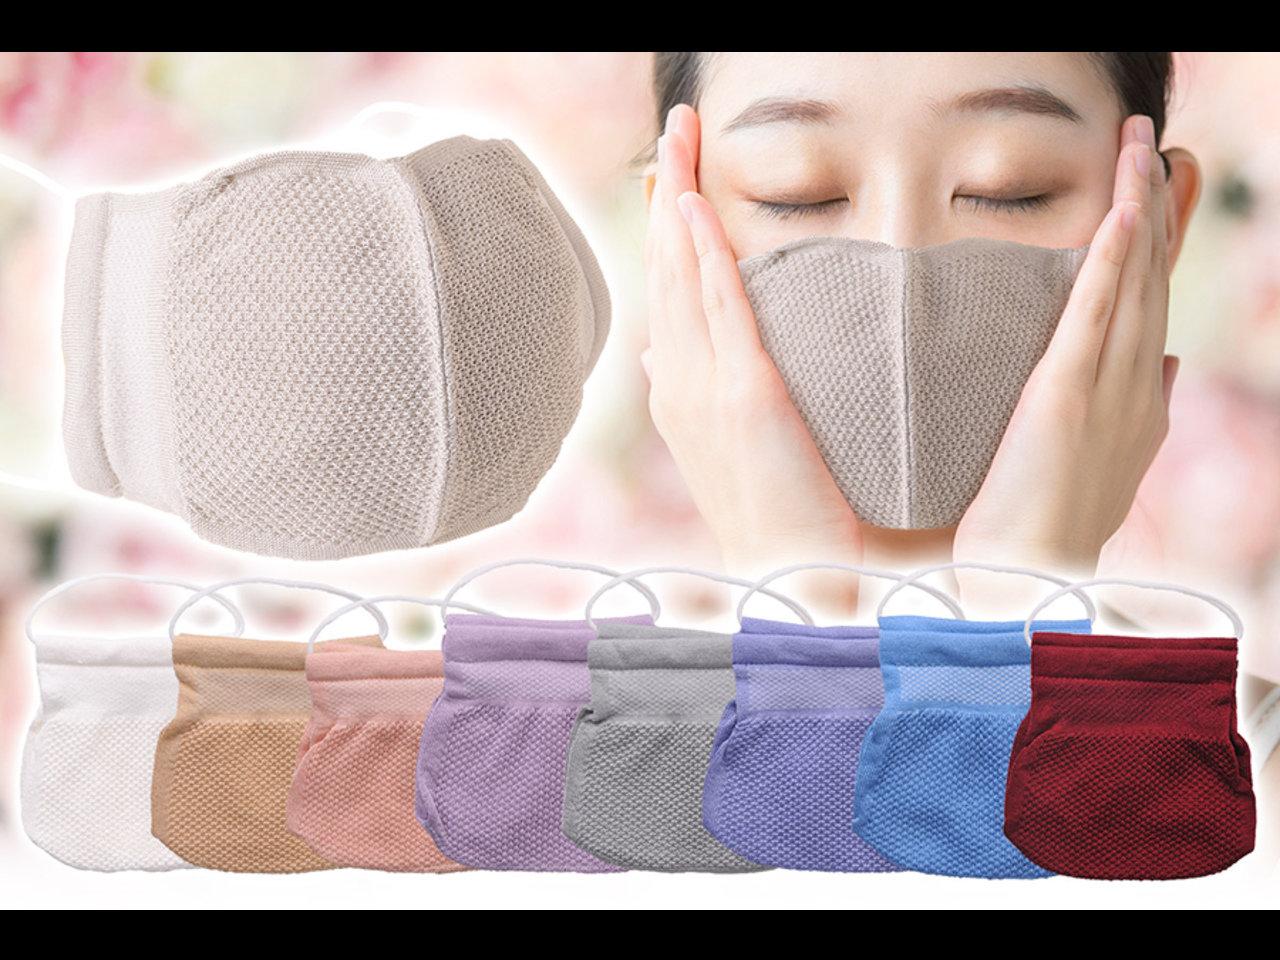 保温・保湿性をプラス。1万枚を即完売した「ムレない冷感マスク」の秋冬バージョン。1枚1760円。